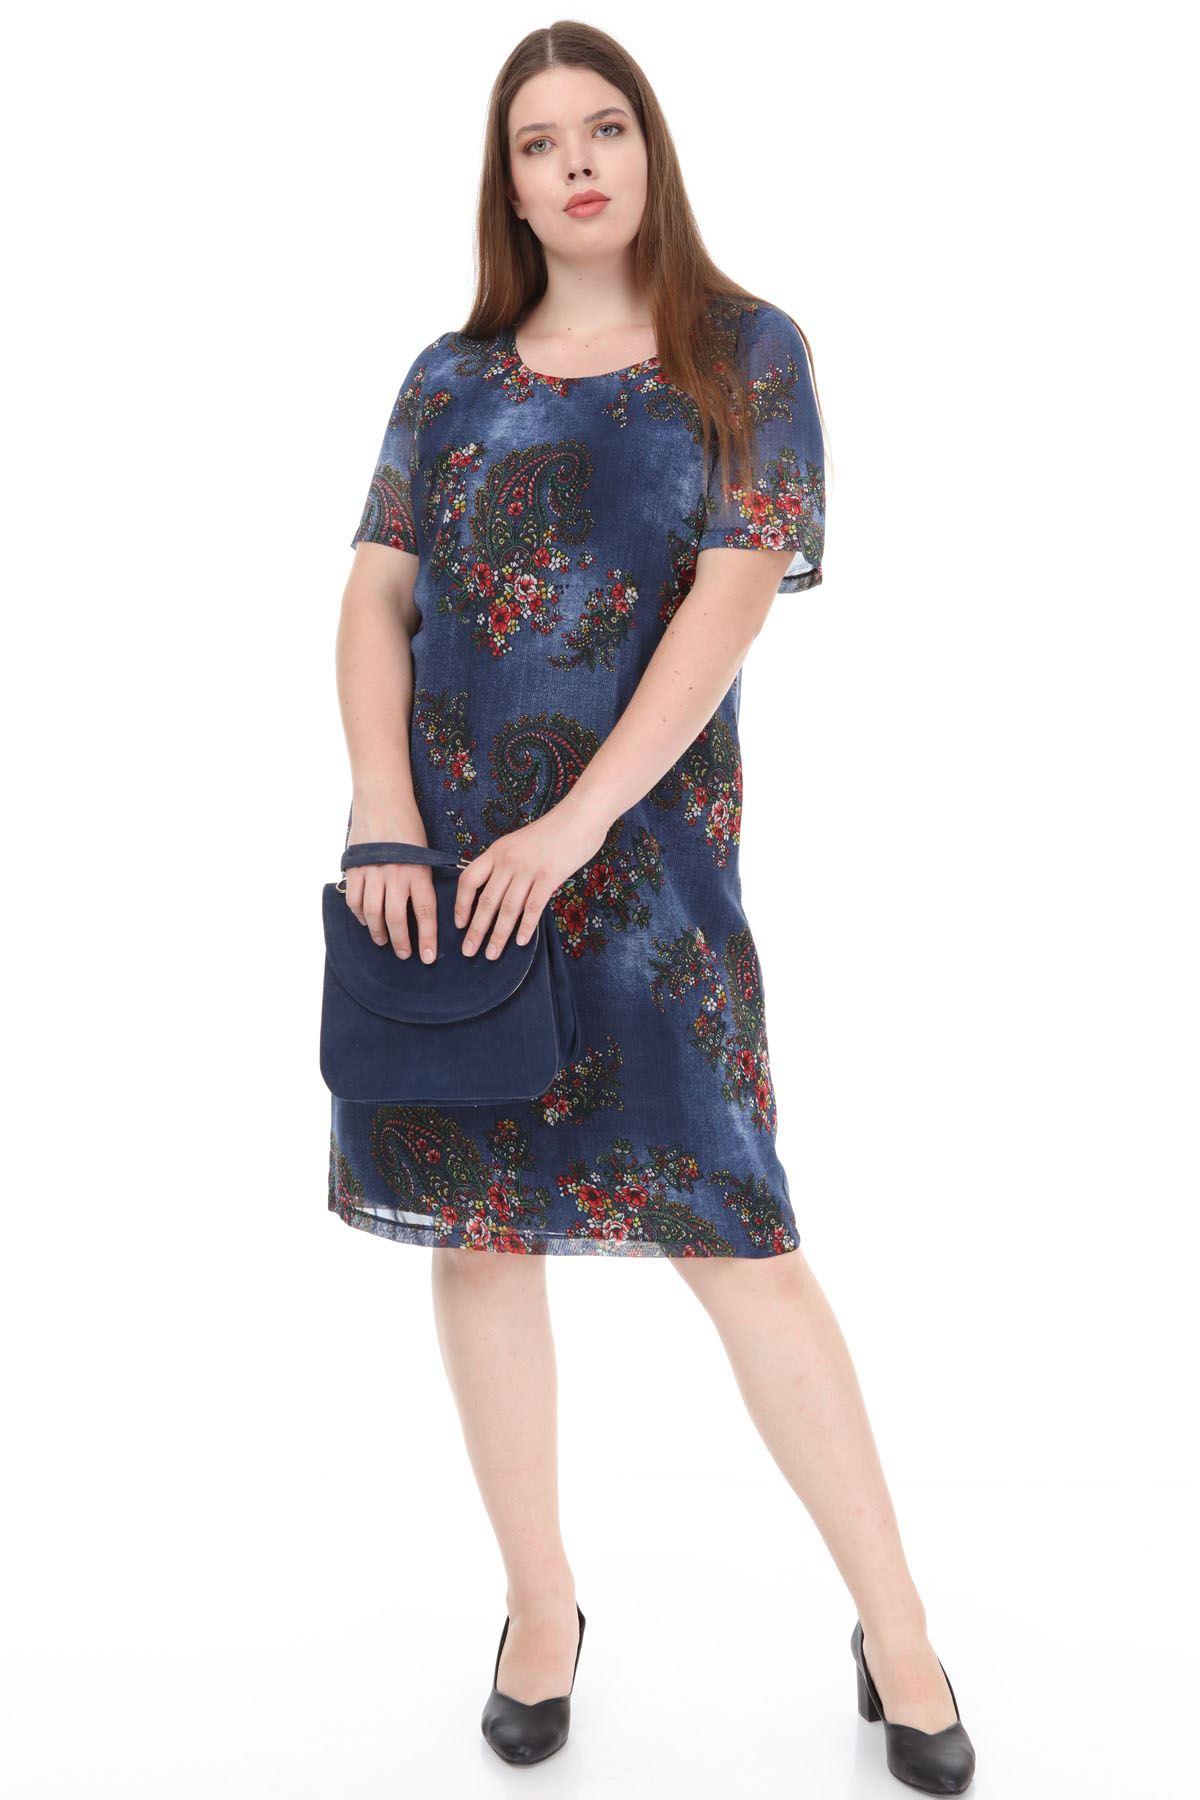 Çiçekli Desenli Şifon Elbise J1-1174